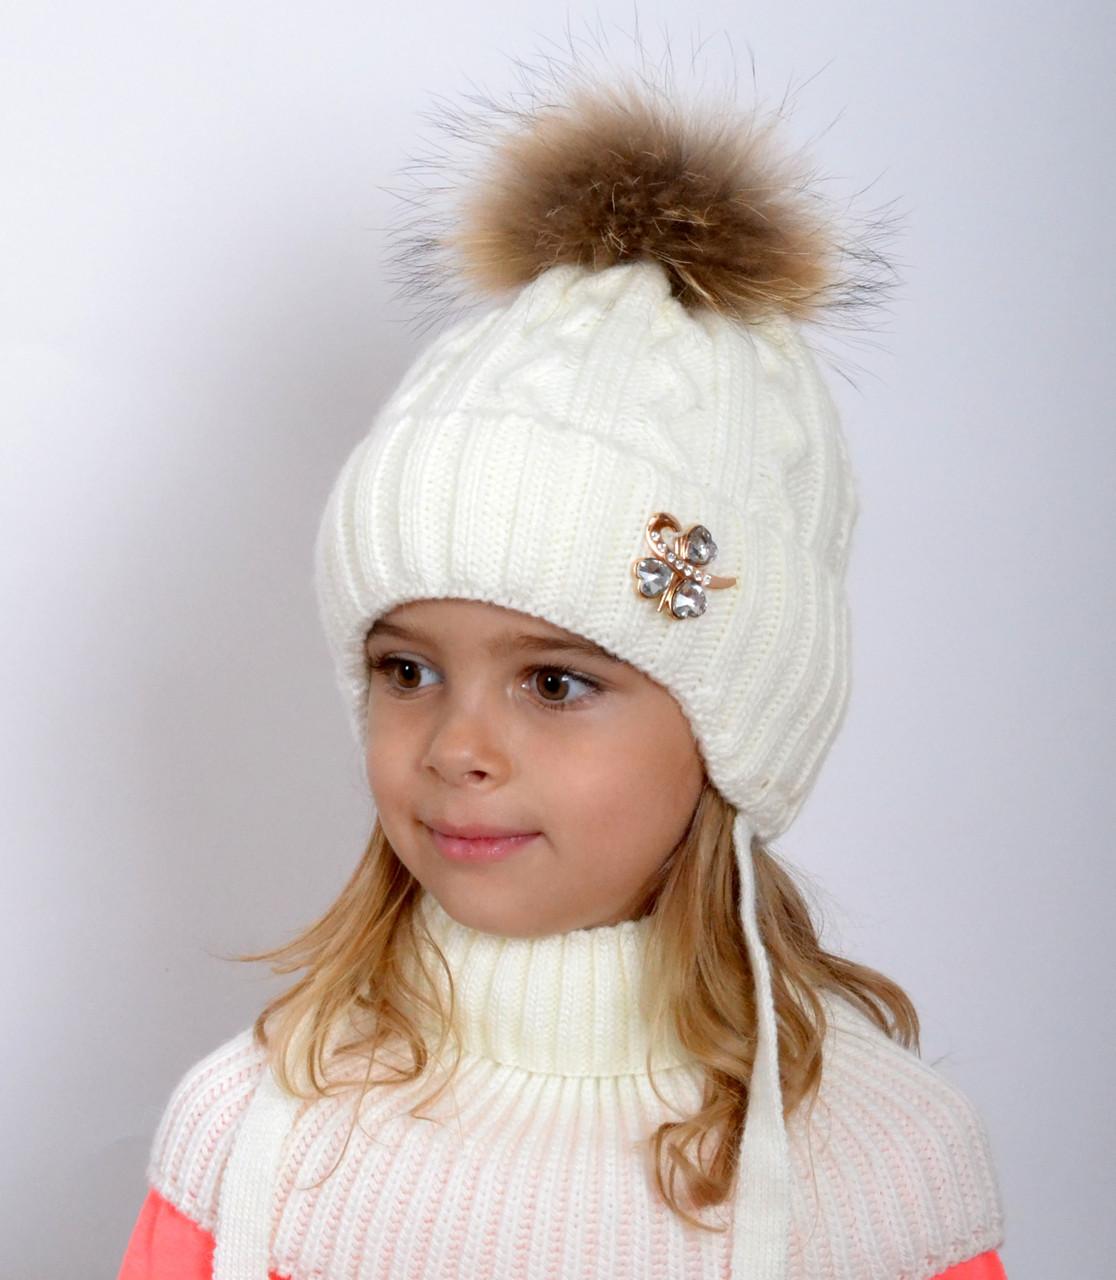 зимняя вязаная шапка для девочки с натуральными помпоном в магазине